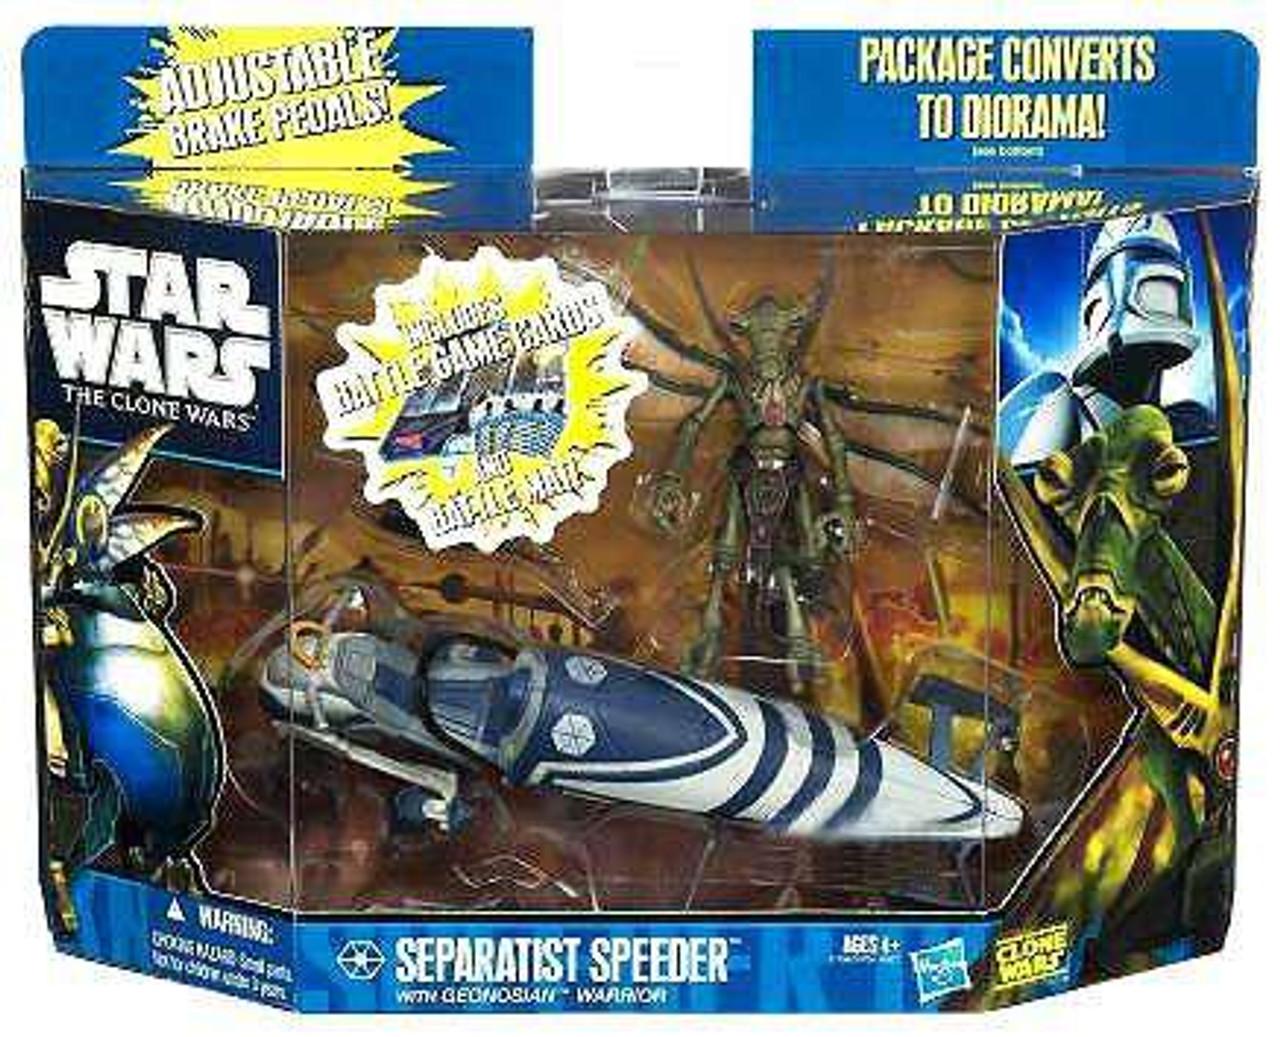 Star Wars The Clone Wars Separtist Speeder with Geonosian Warrior Exclusive Vehicle & Action Figure